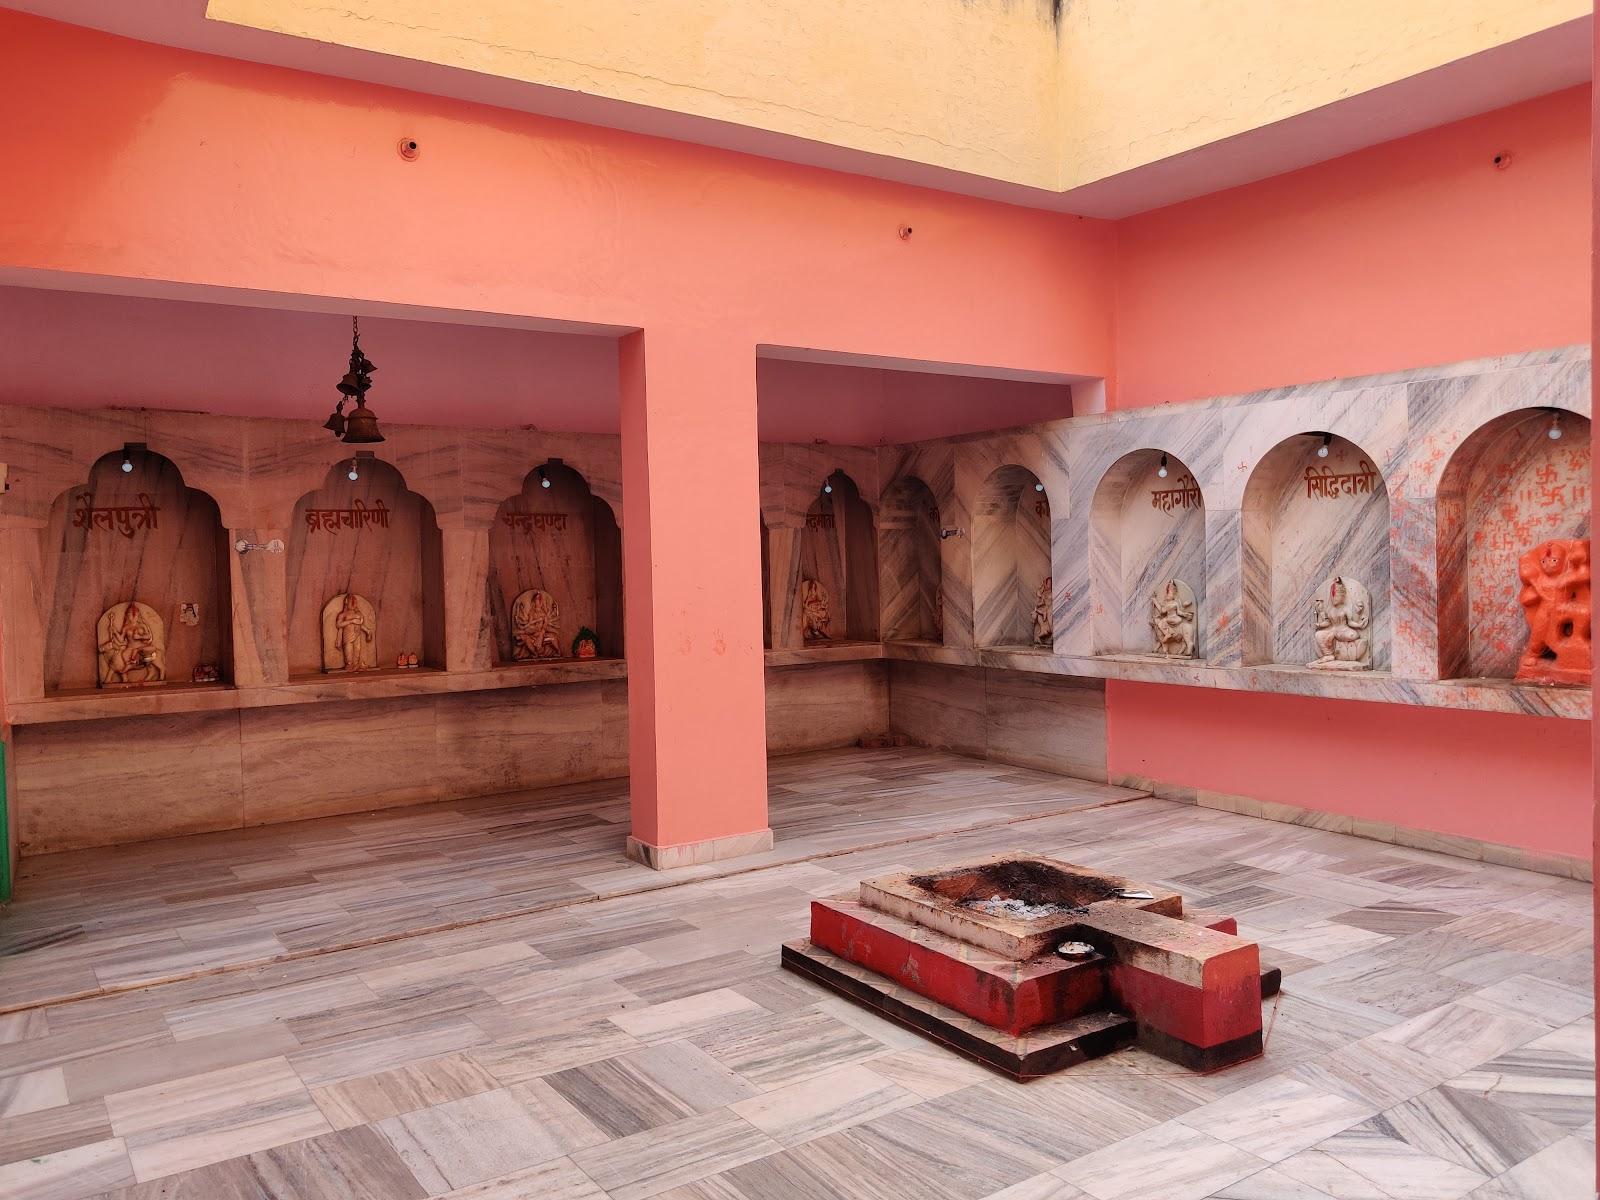 Baba Neeb Karori Temple,Akabarpur